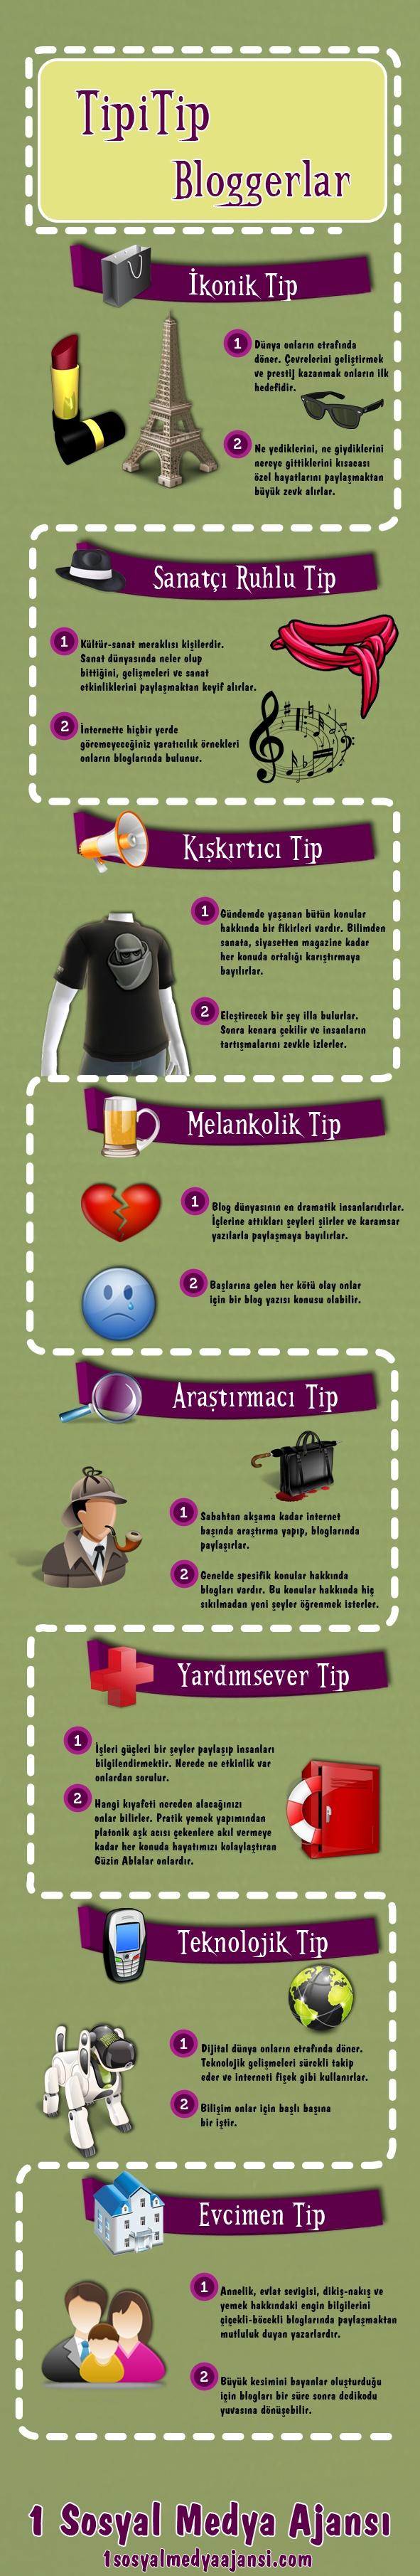 TipiTip Bloggerlar